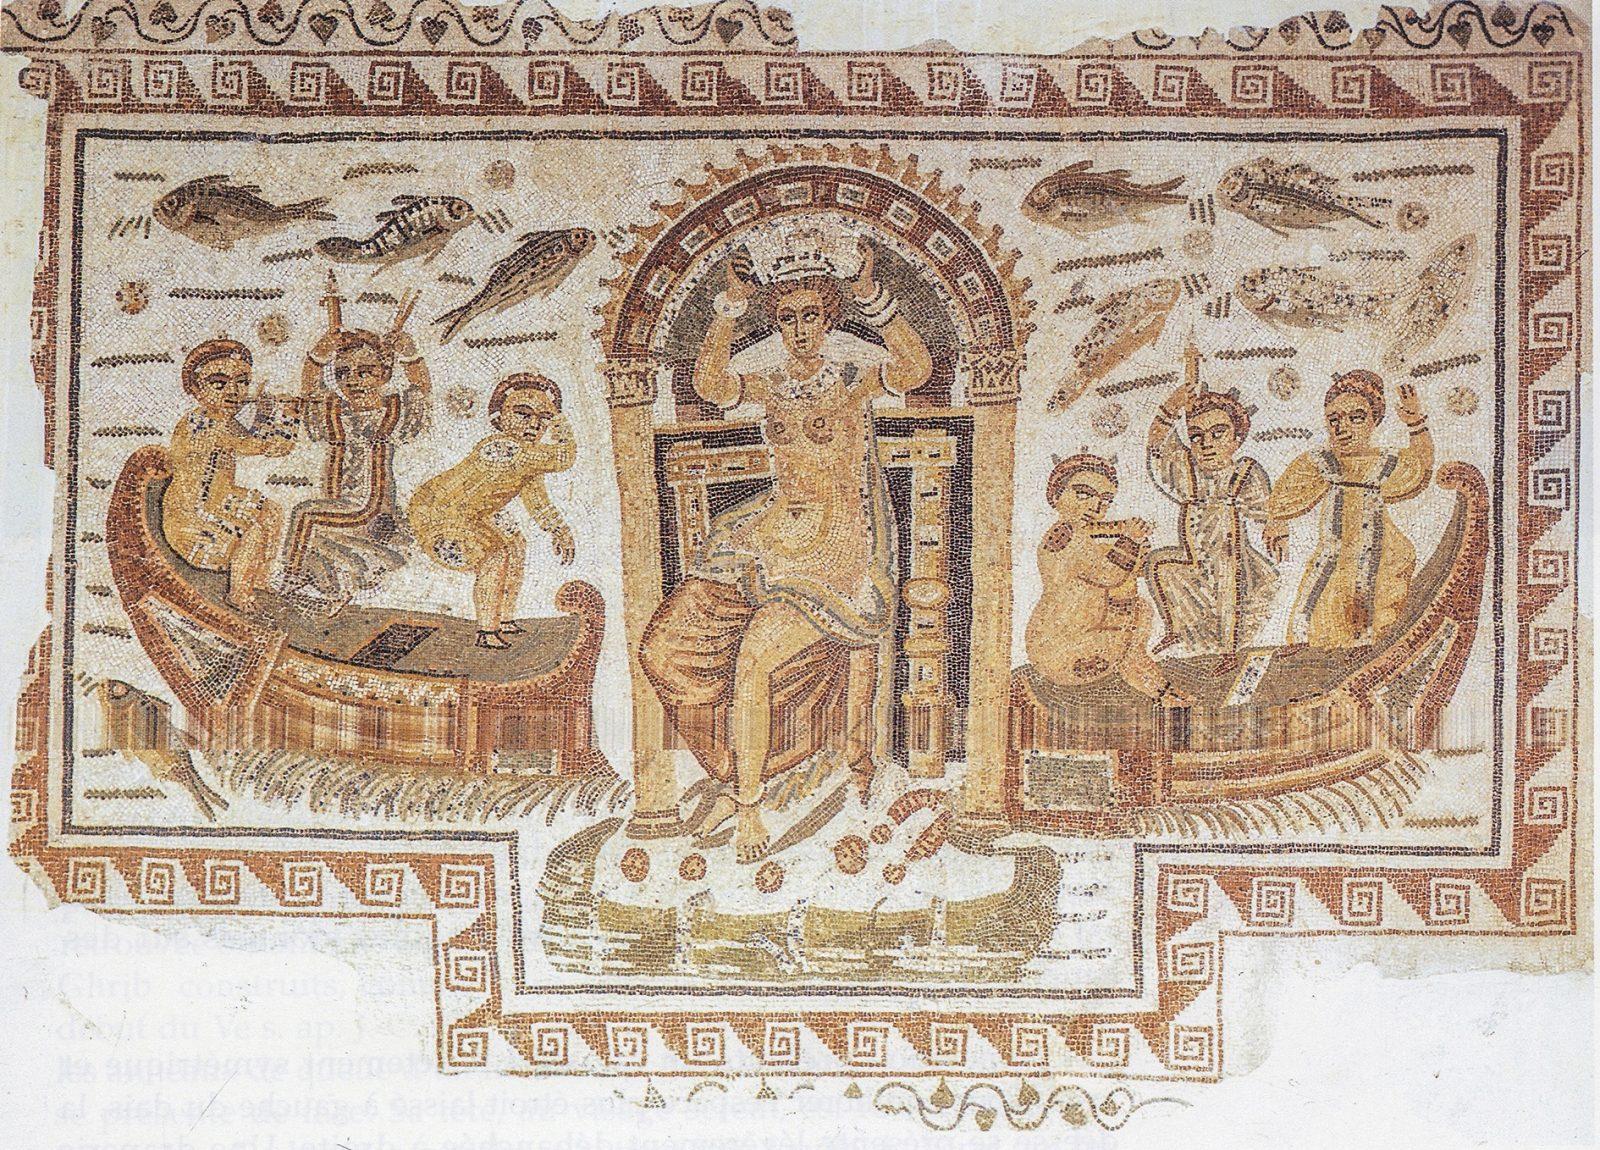 Vénus assise sur un trône entourée d'Amours